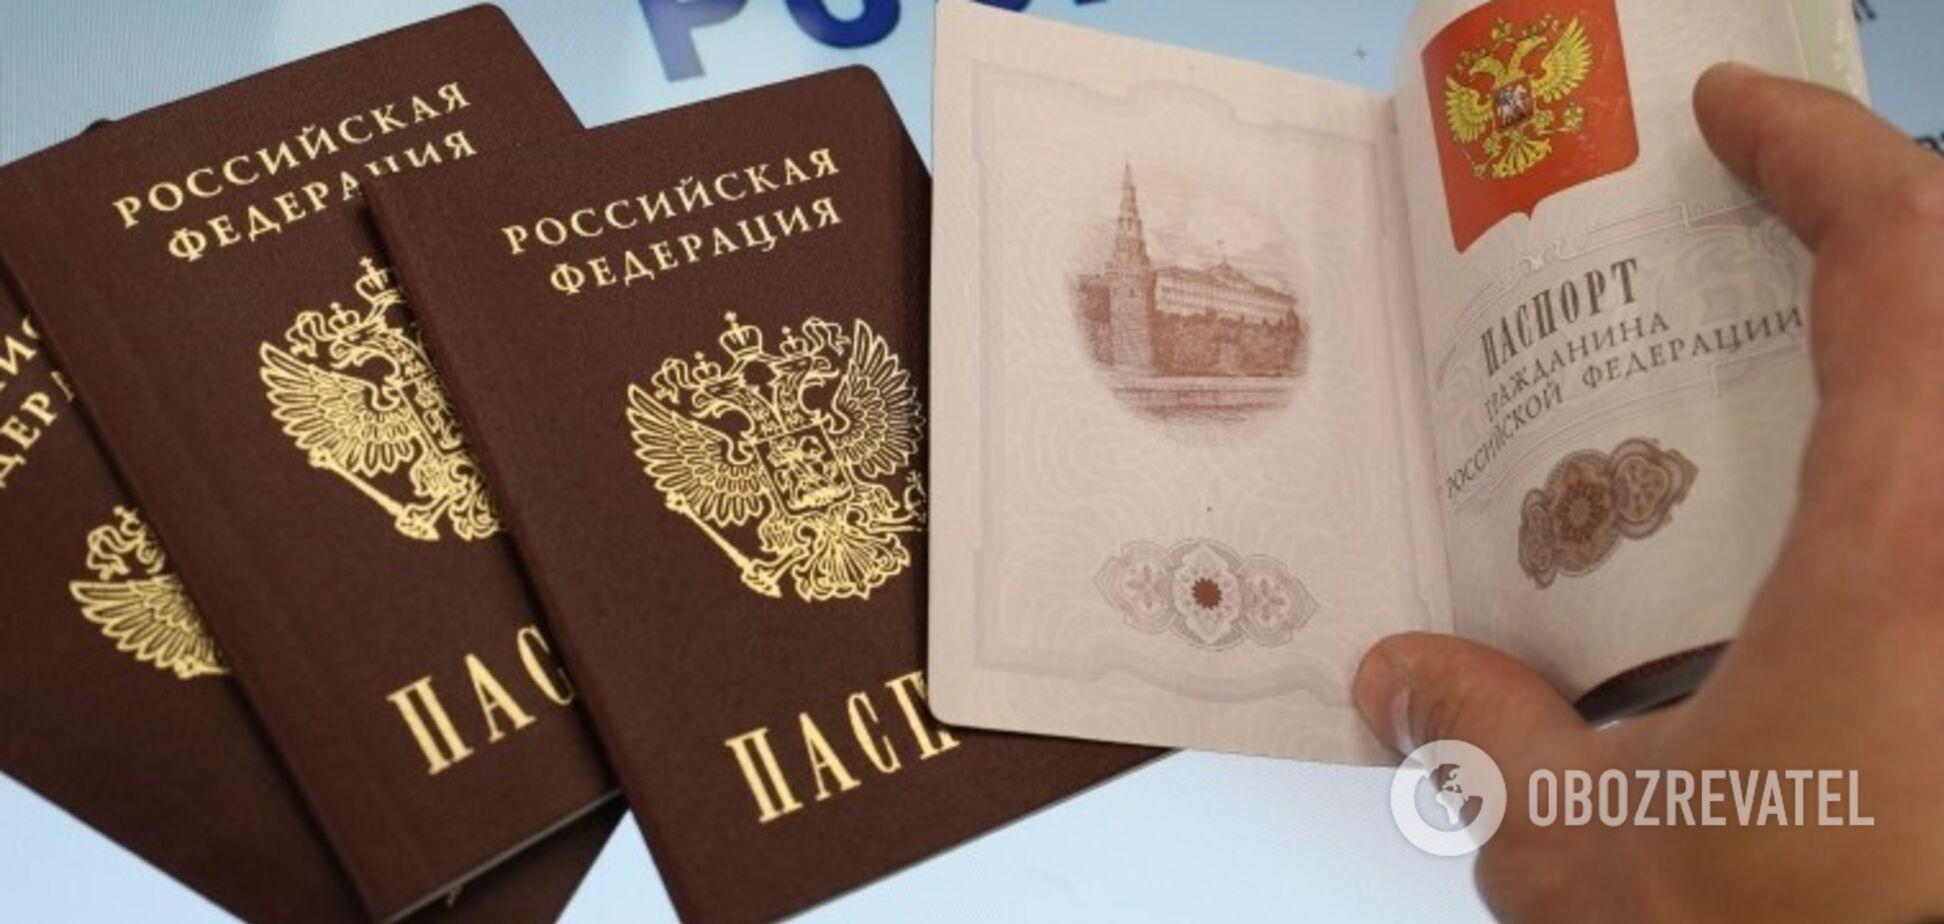 Путин раздает паспорта РФ: стало известно, сколько украинцев перешли на сторону оккупантов